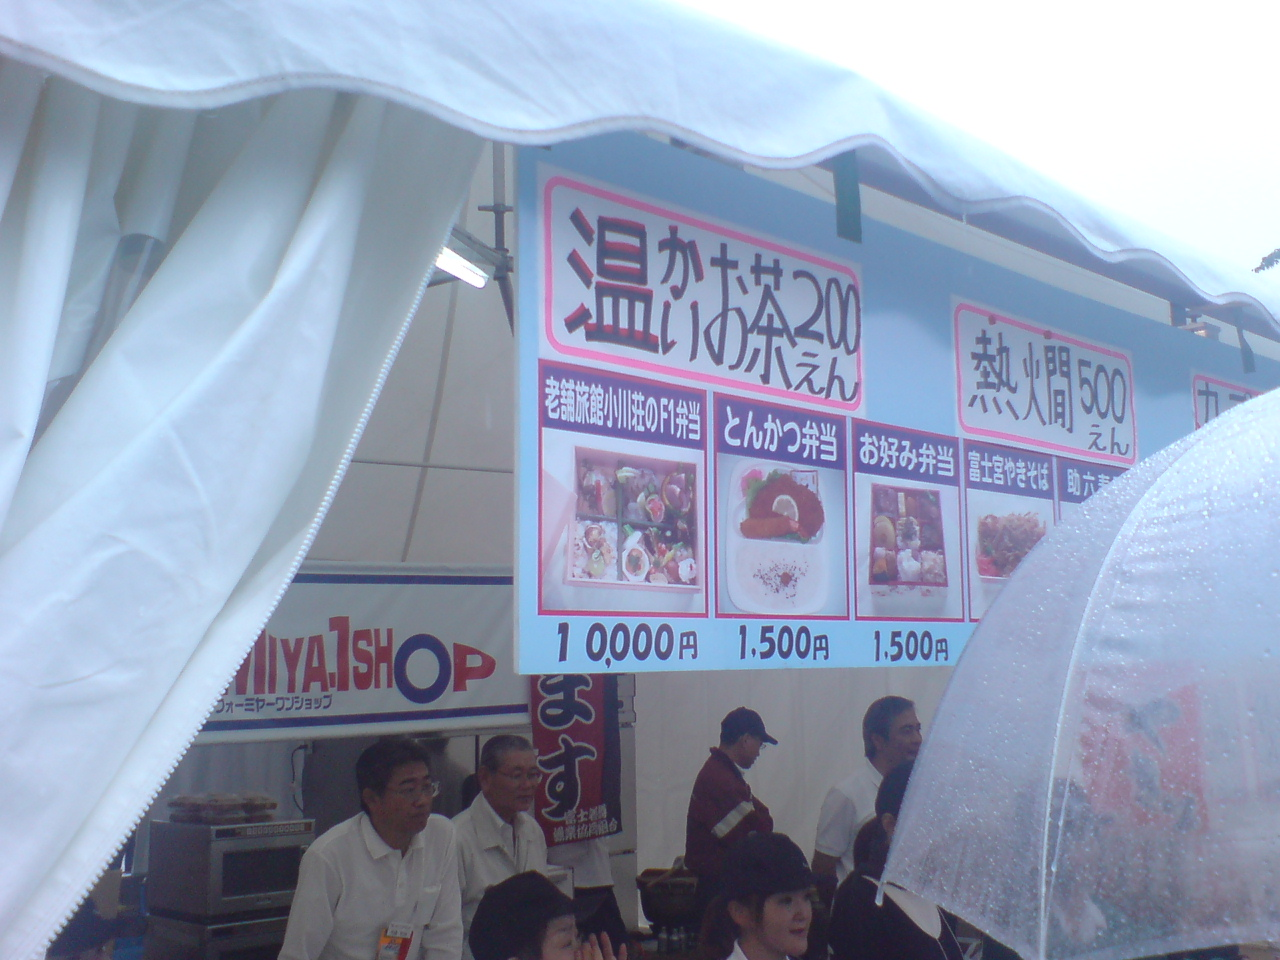 【画像】上海ディズニーの食事が酷い。これで1300円 中国人激怒「日本と全然違う!」 [無断転載禁止]©2ch.netYouTube動画>3本 ->画像>63枚